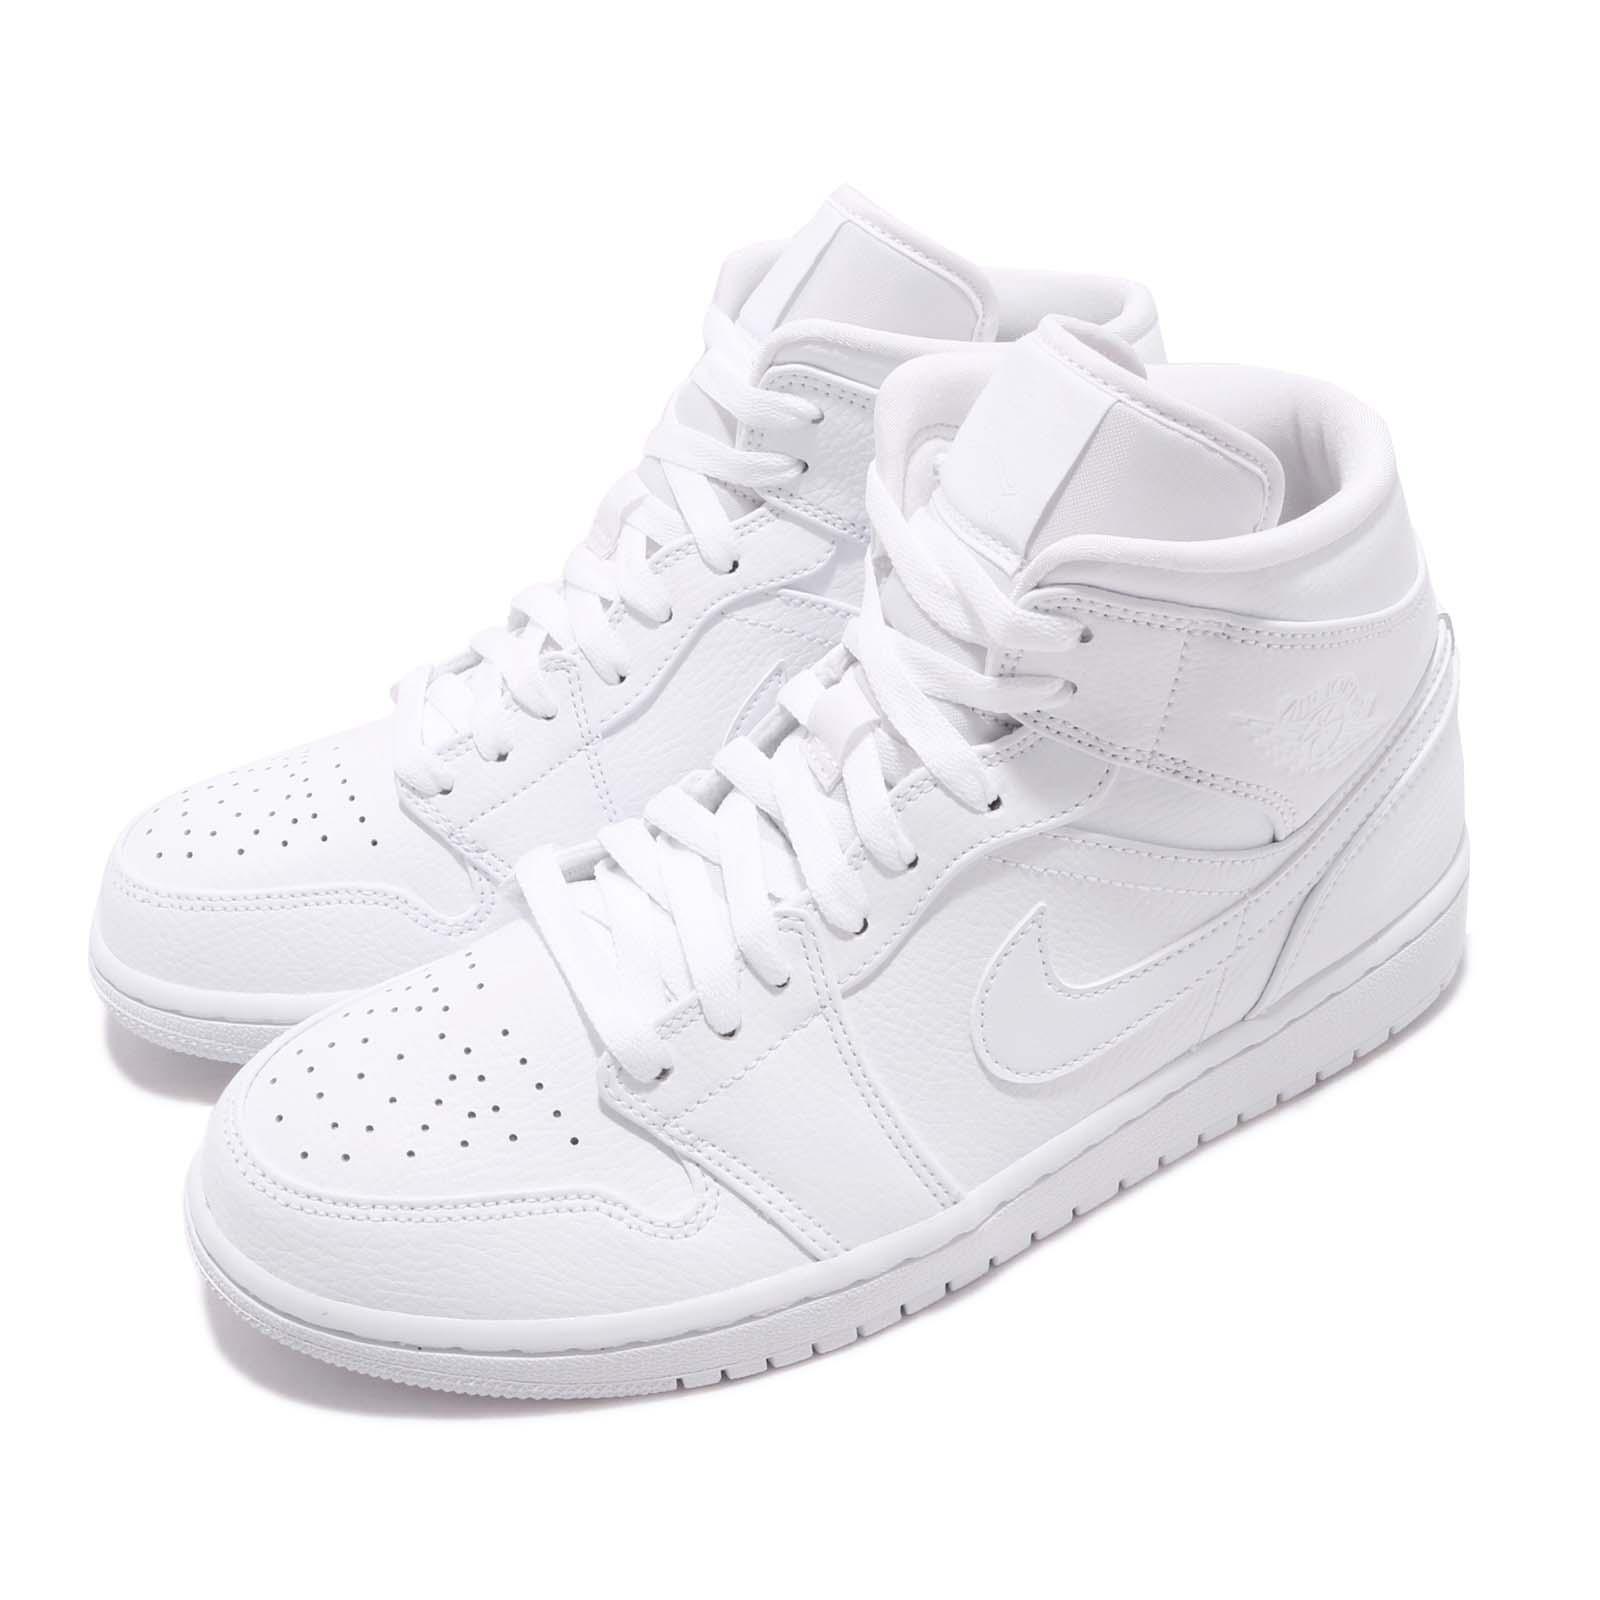 Nike 籃球鞋 Air Jordan 1 Mid 男鞋 554724-129